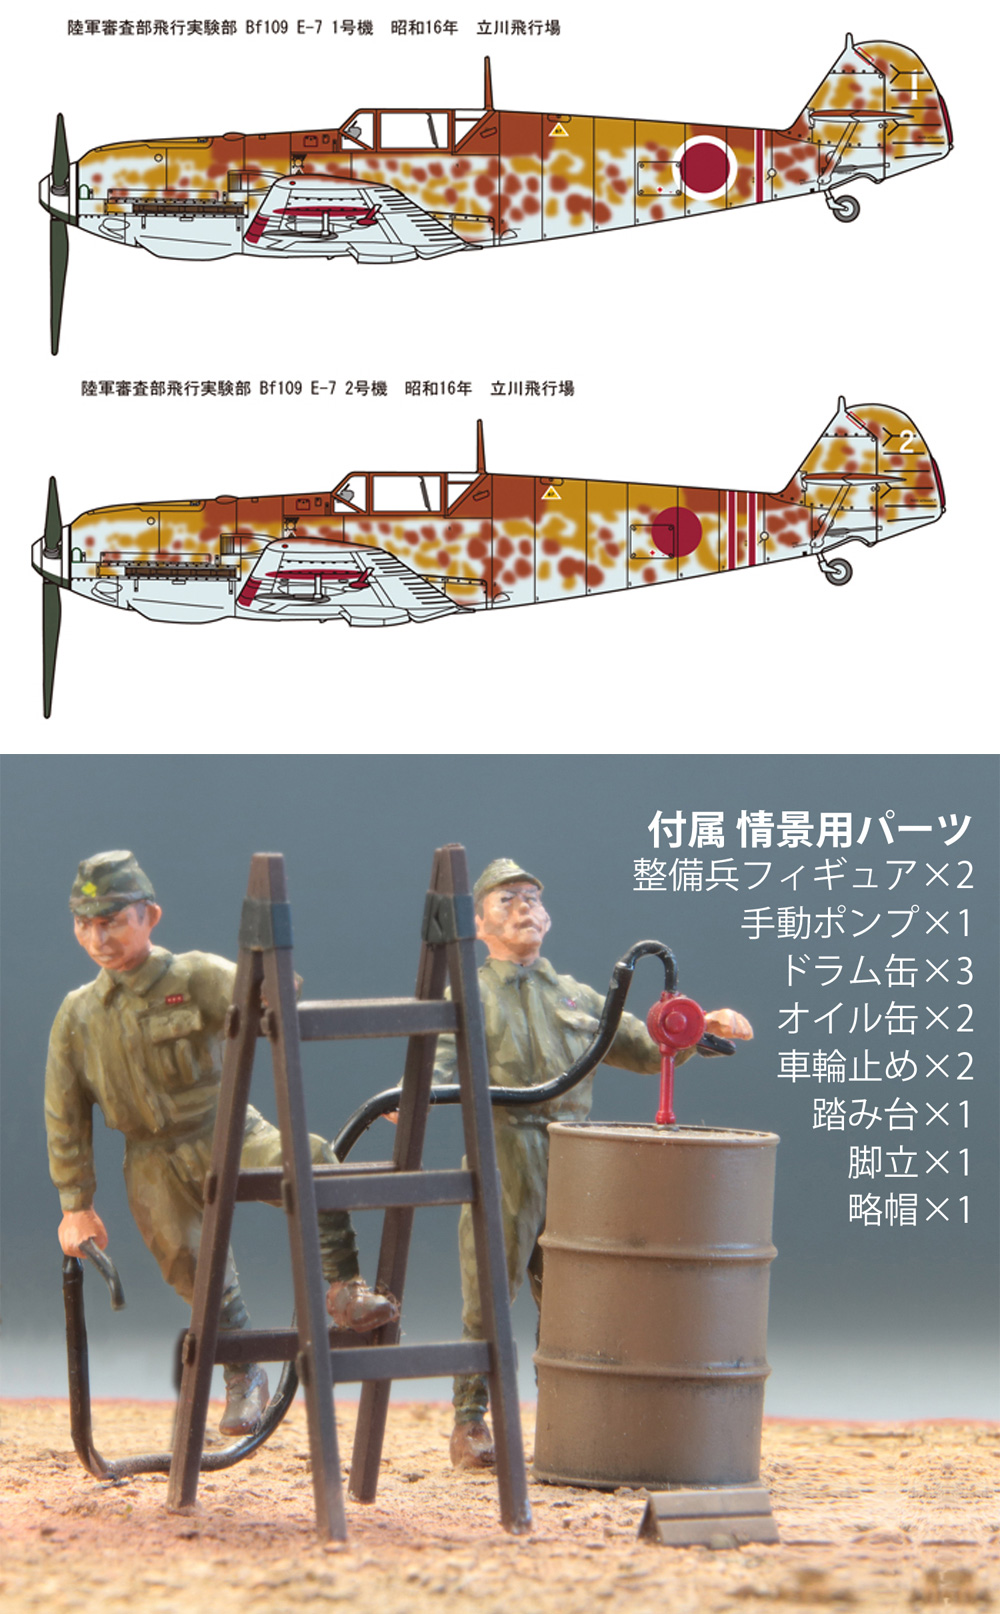 メッサーシュミット Bf109E-7 日本陸軍 w/整備情景セット 2プラモデル(ファインモールド1/48 日本陸海軍 航空機No.48995)商品画像_2